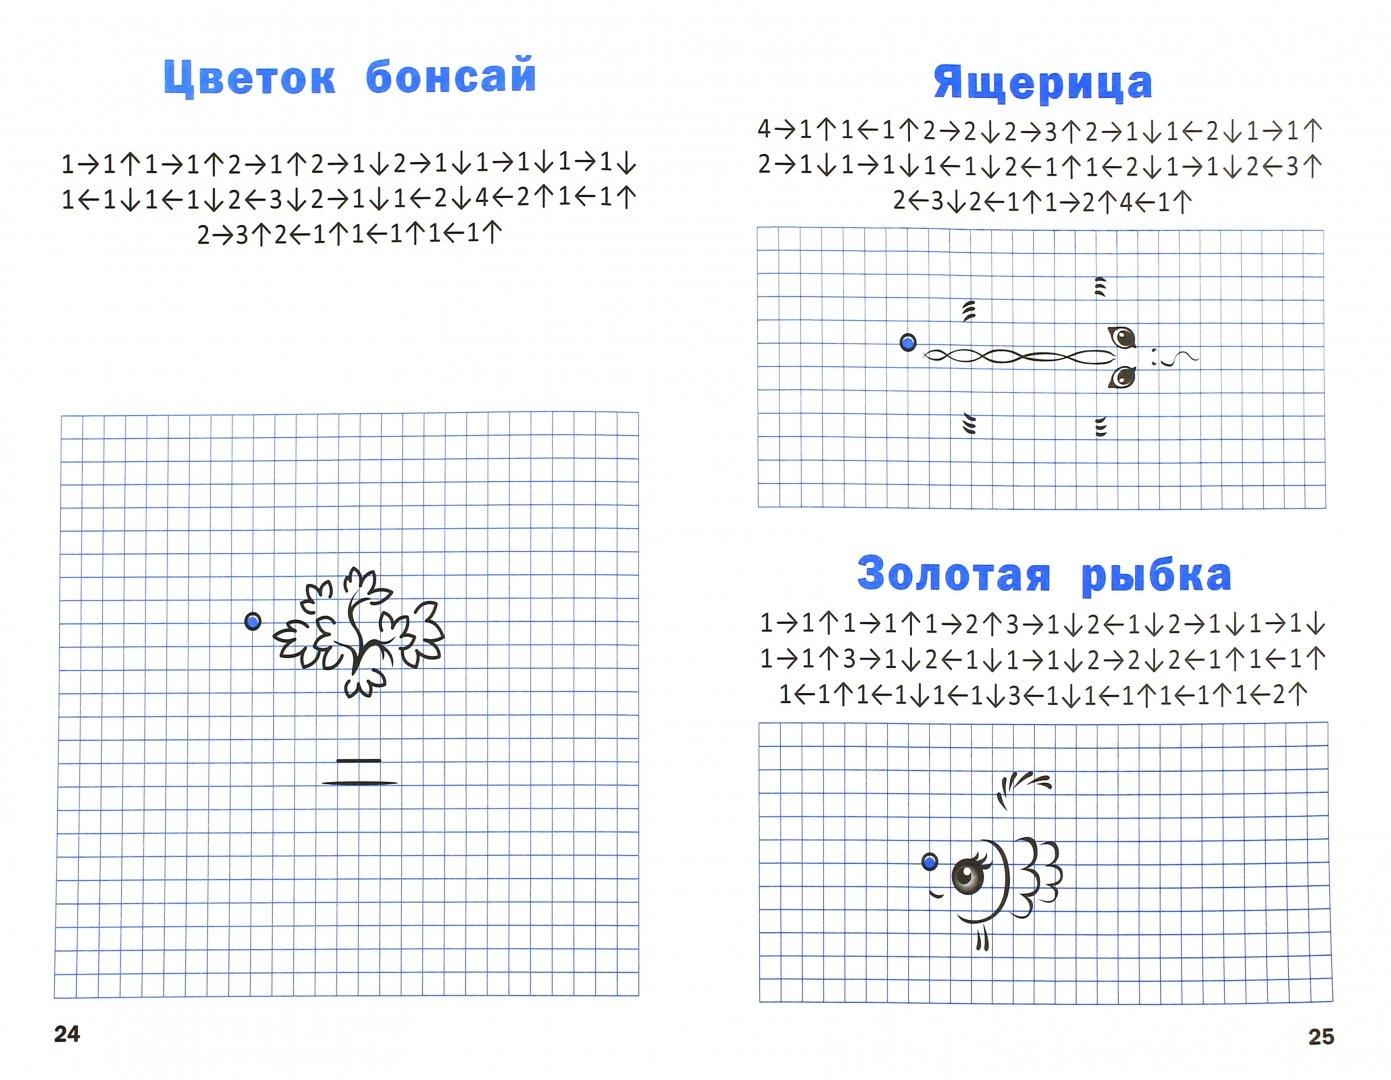 Иллюстрация 1 из 6 для Графические диктанты. 1 класс. Начальный уровень. ФГОС - Вениамин Мёдов   Лабиринт - книги. Источник: Лабиринт